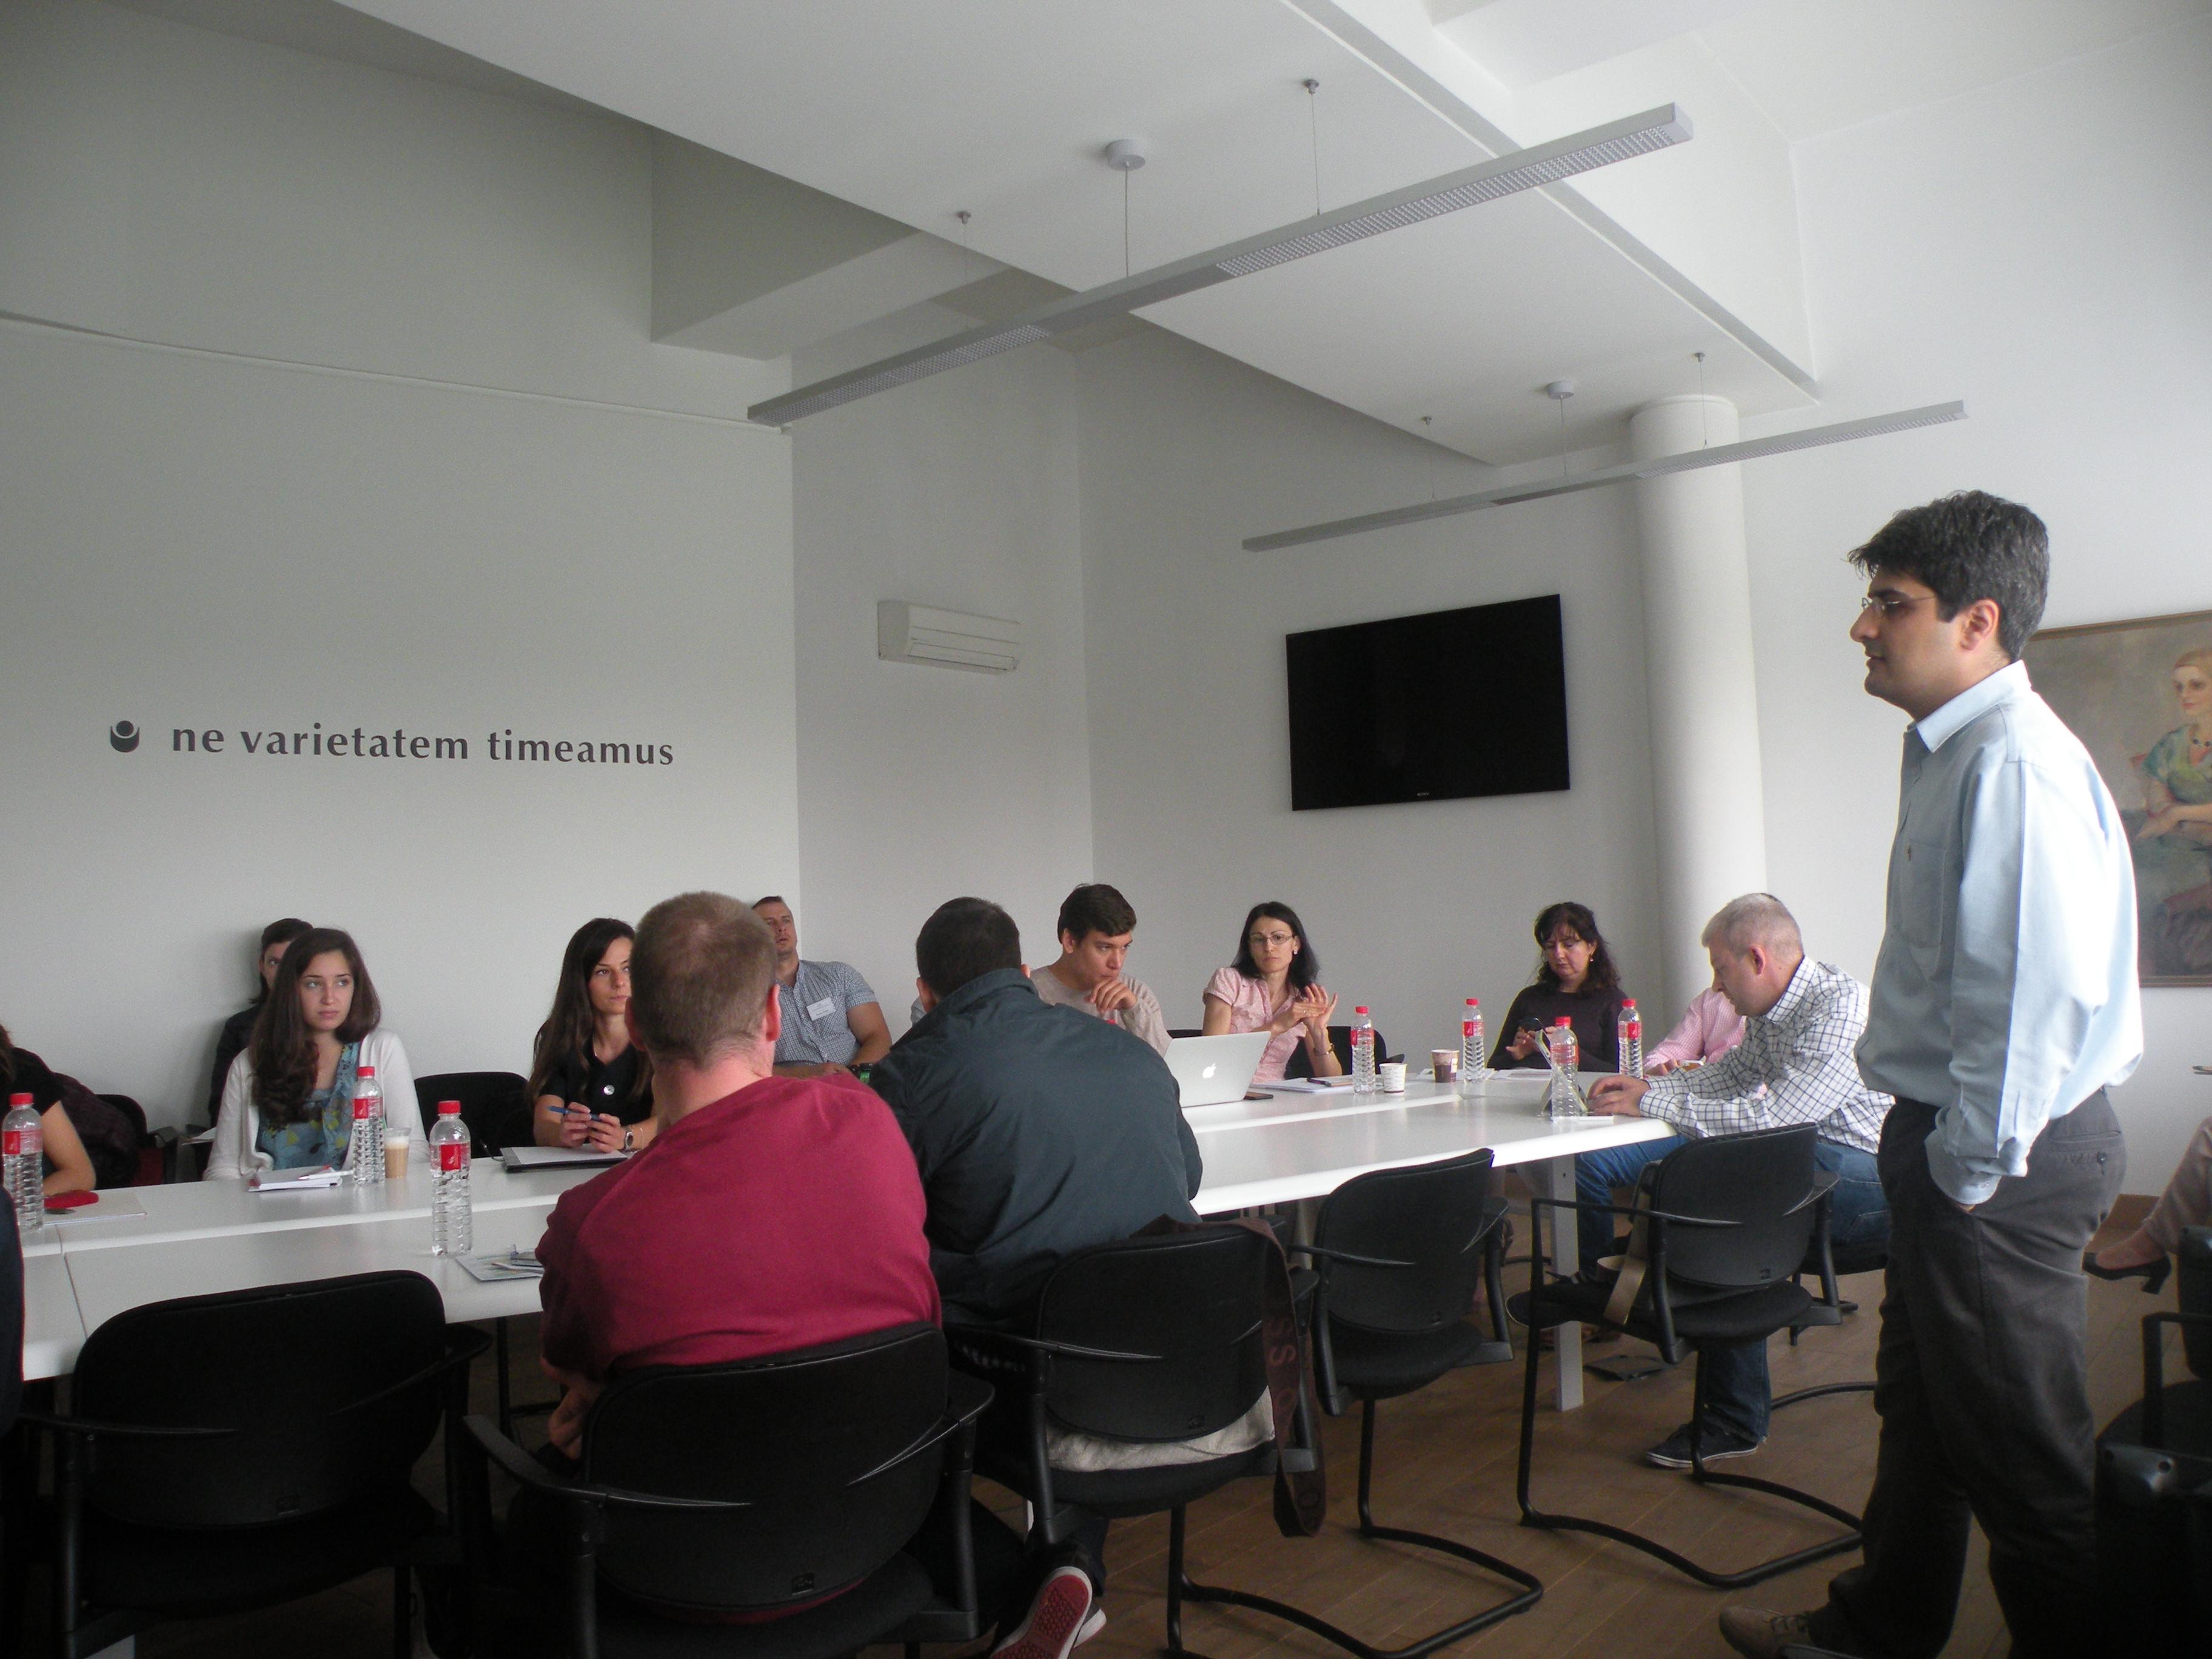 Софийско бизнес училище - Мастър класове 2015 г.